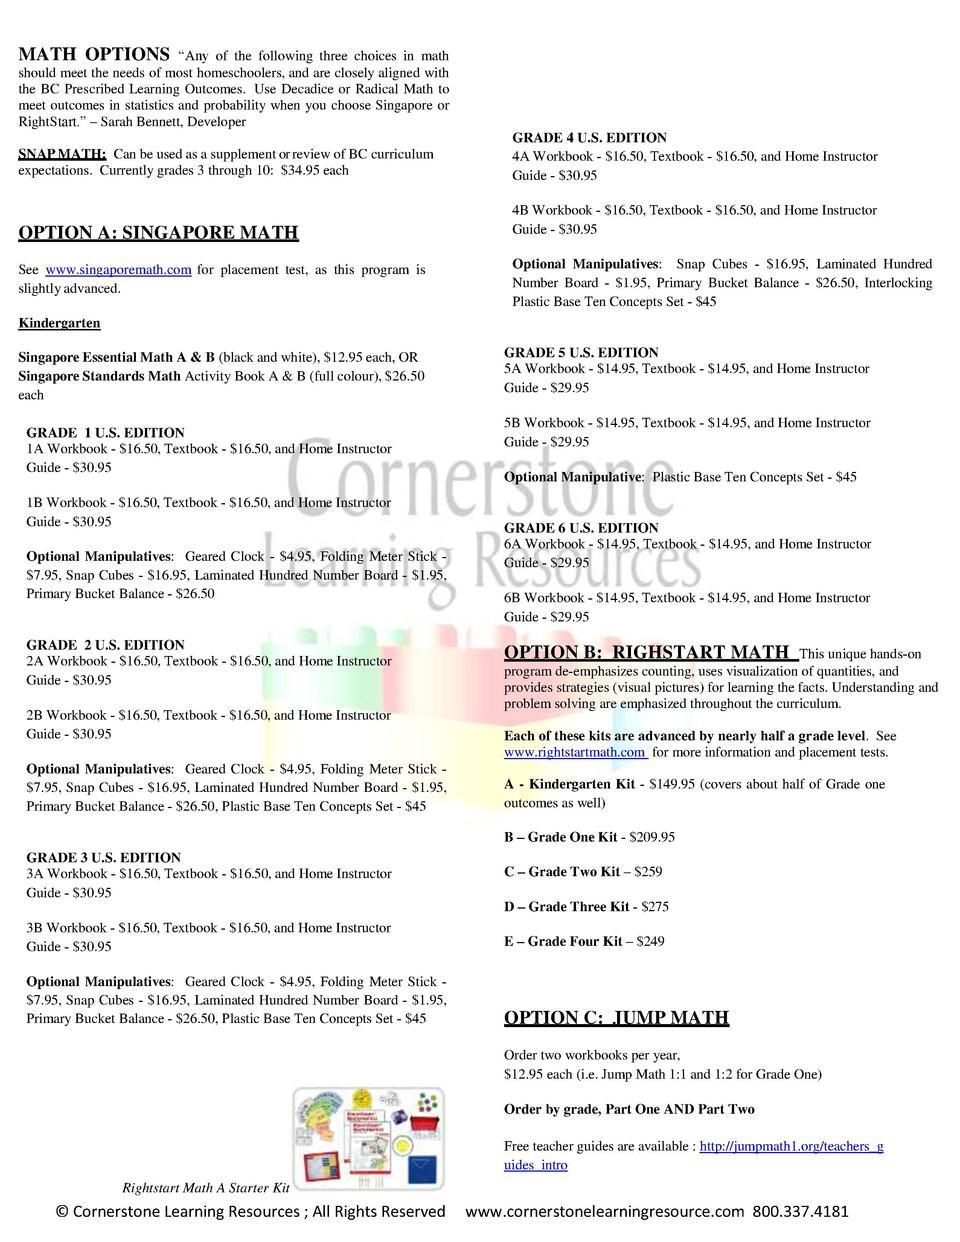 HCOS 2015 - 2016 Curriculum Pack : simplebooklet.com